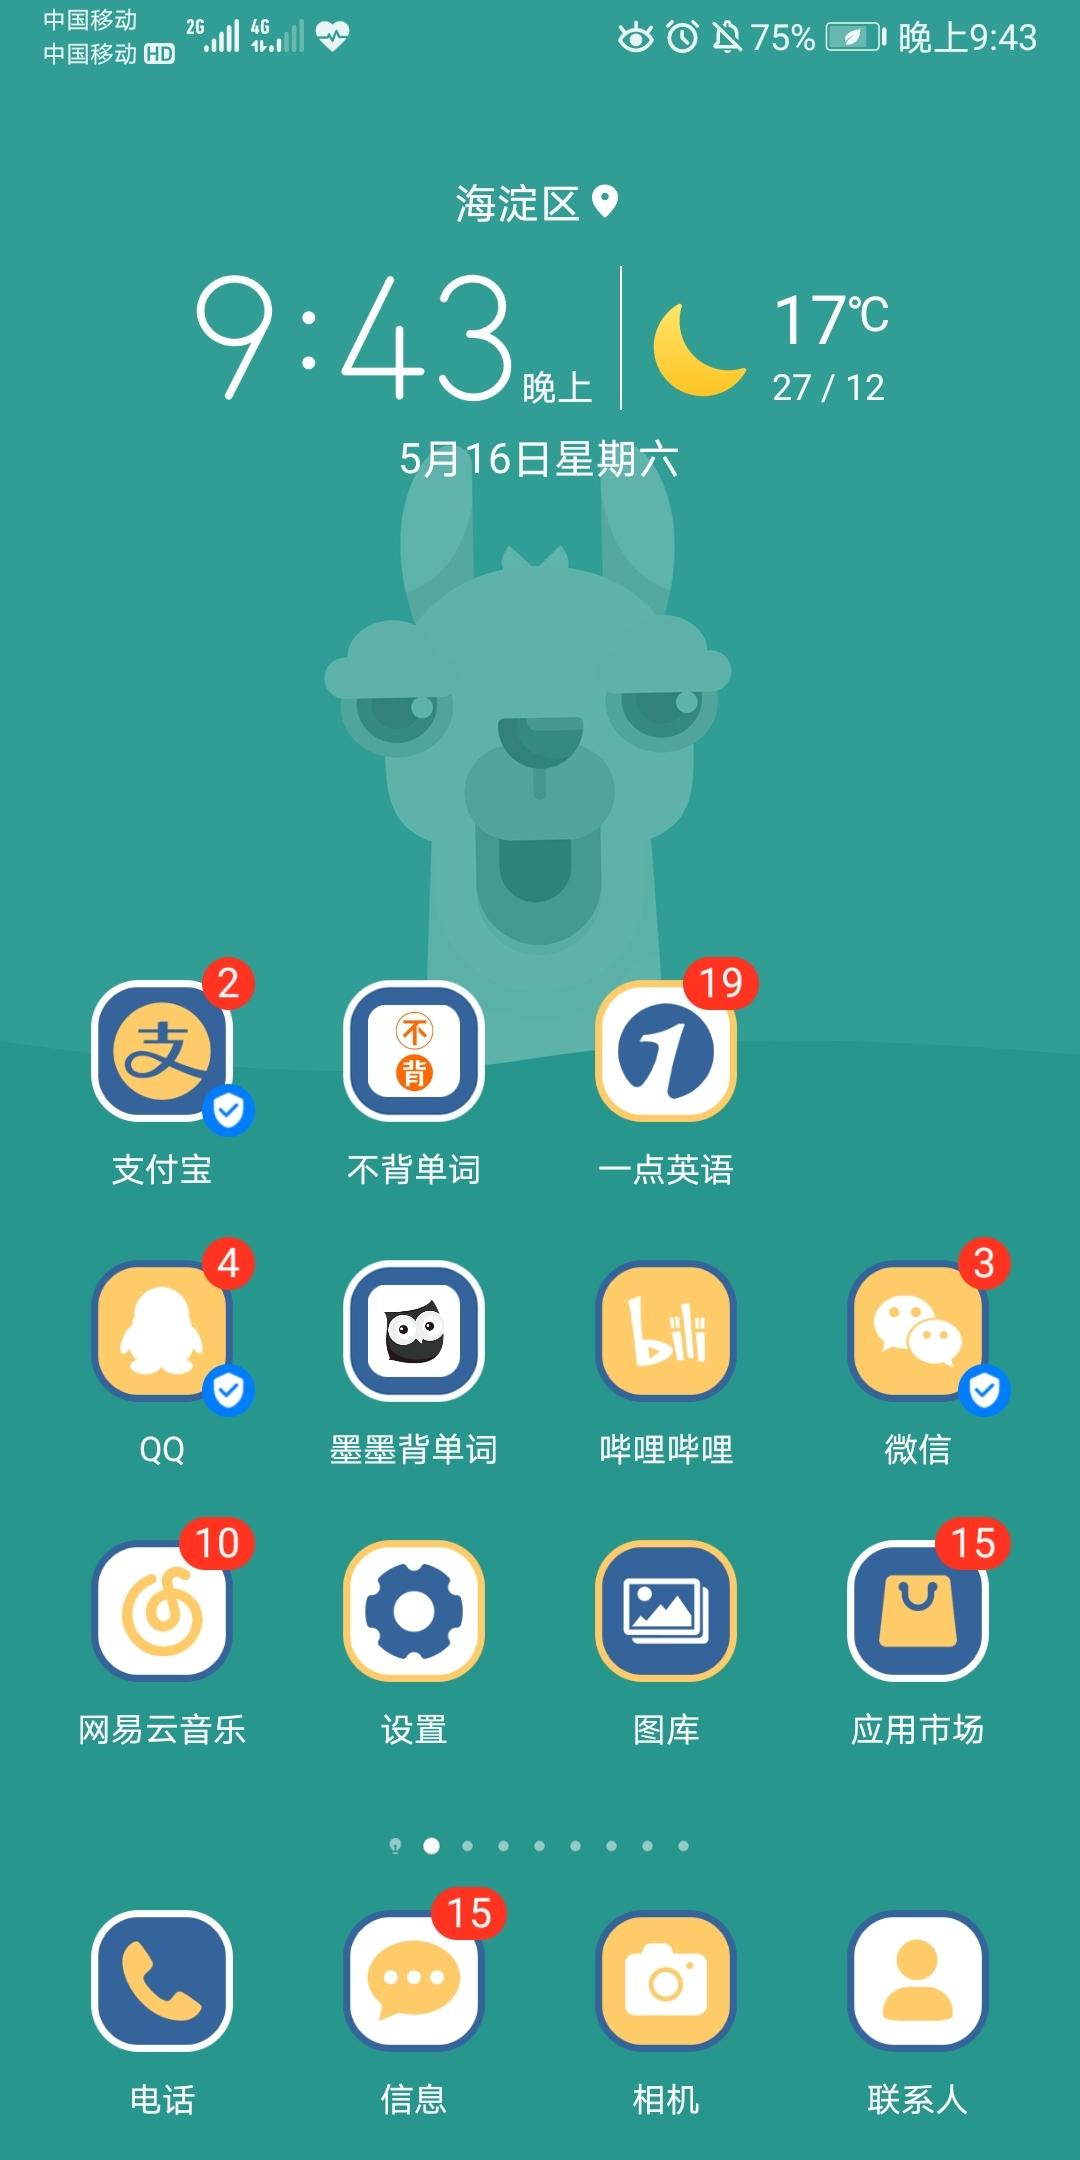 Screenshot_20200516_214347_com.huawei.android.launcher.jpg